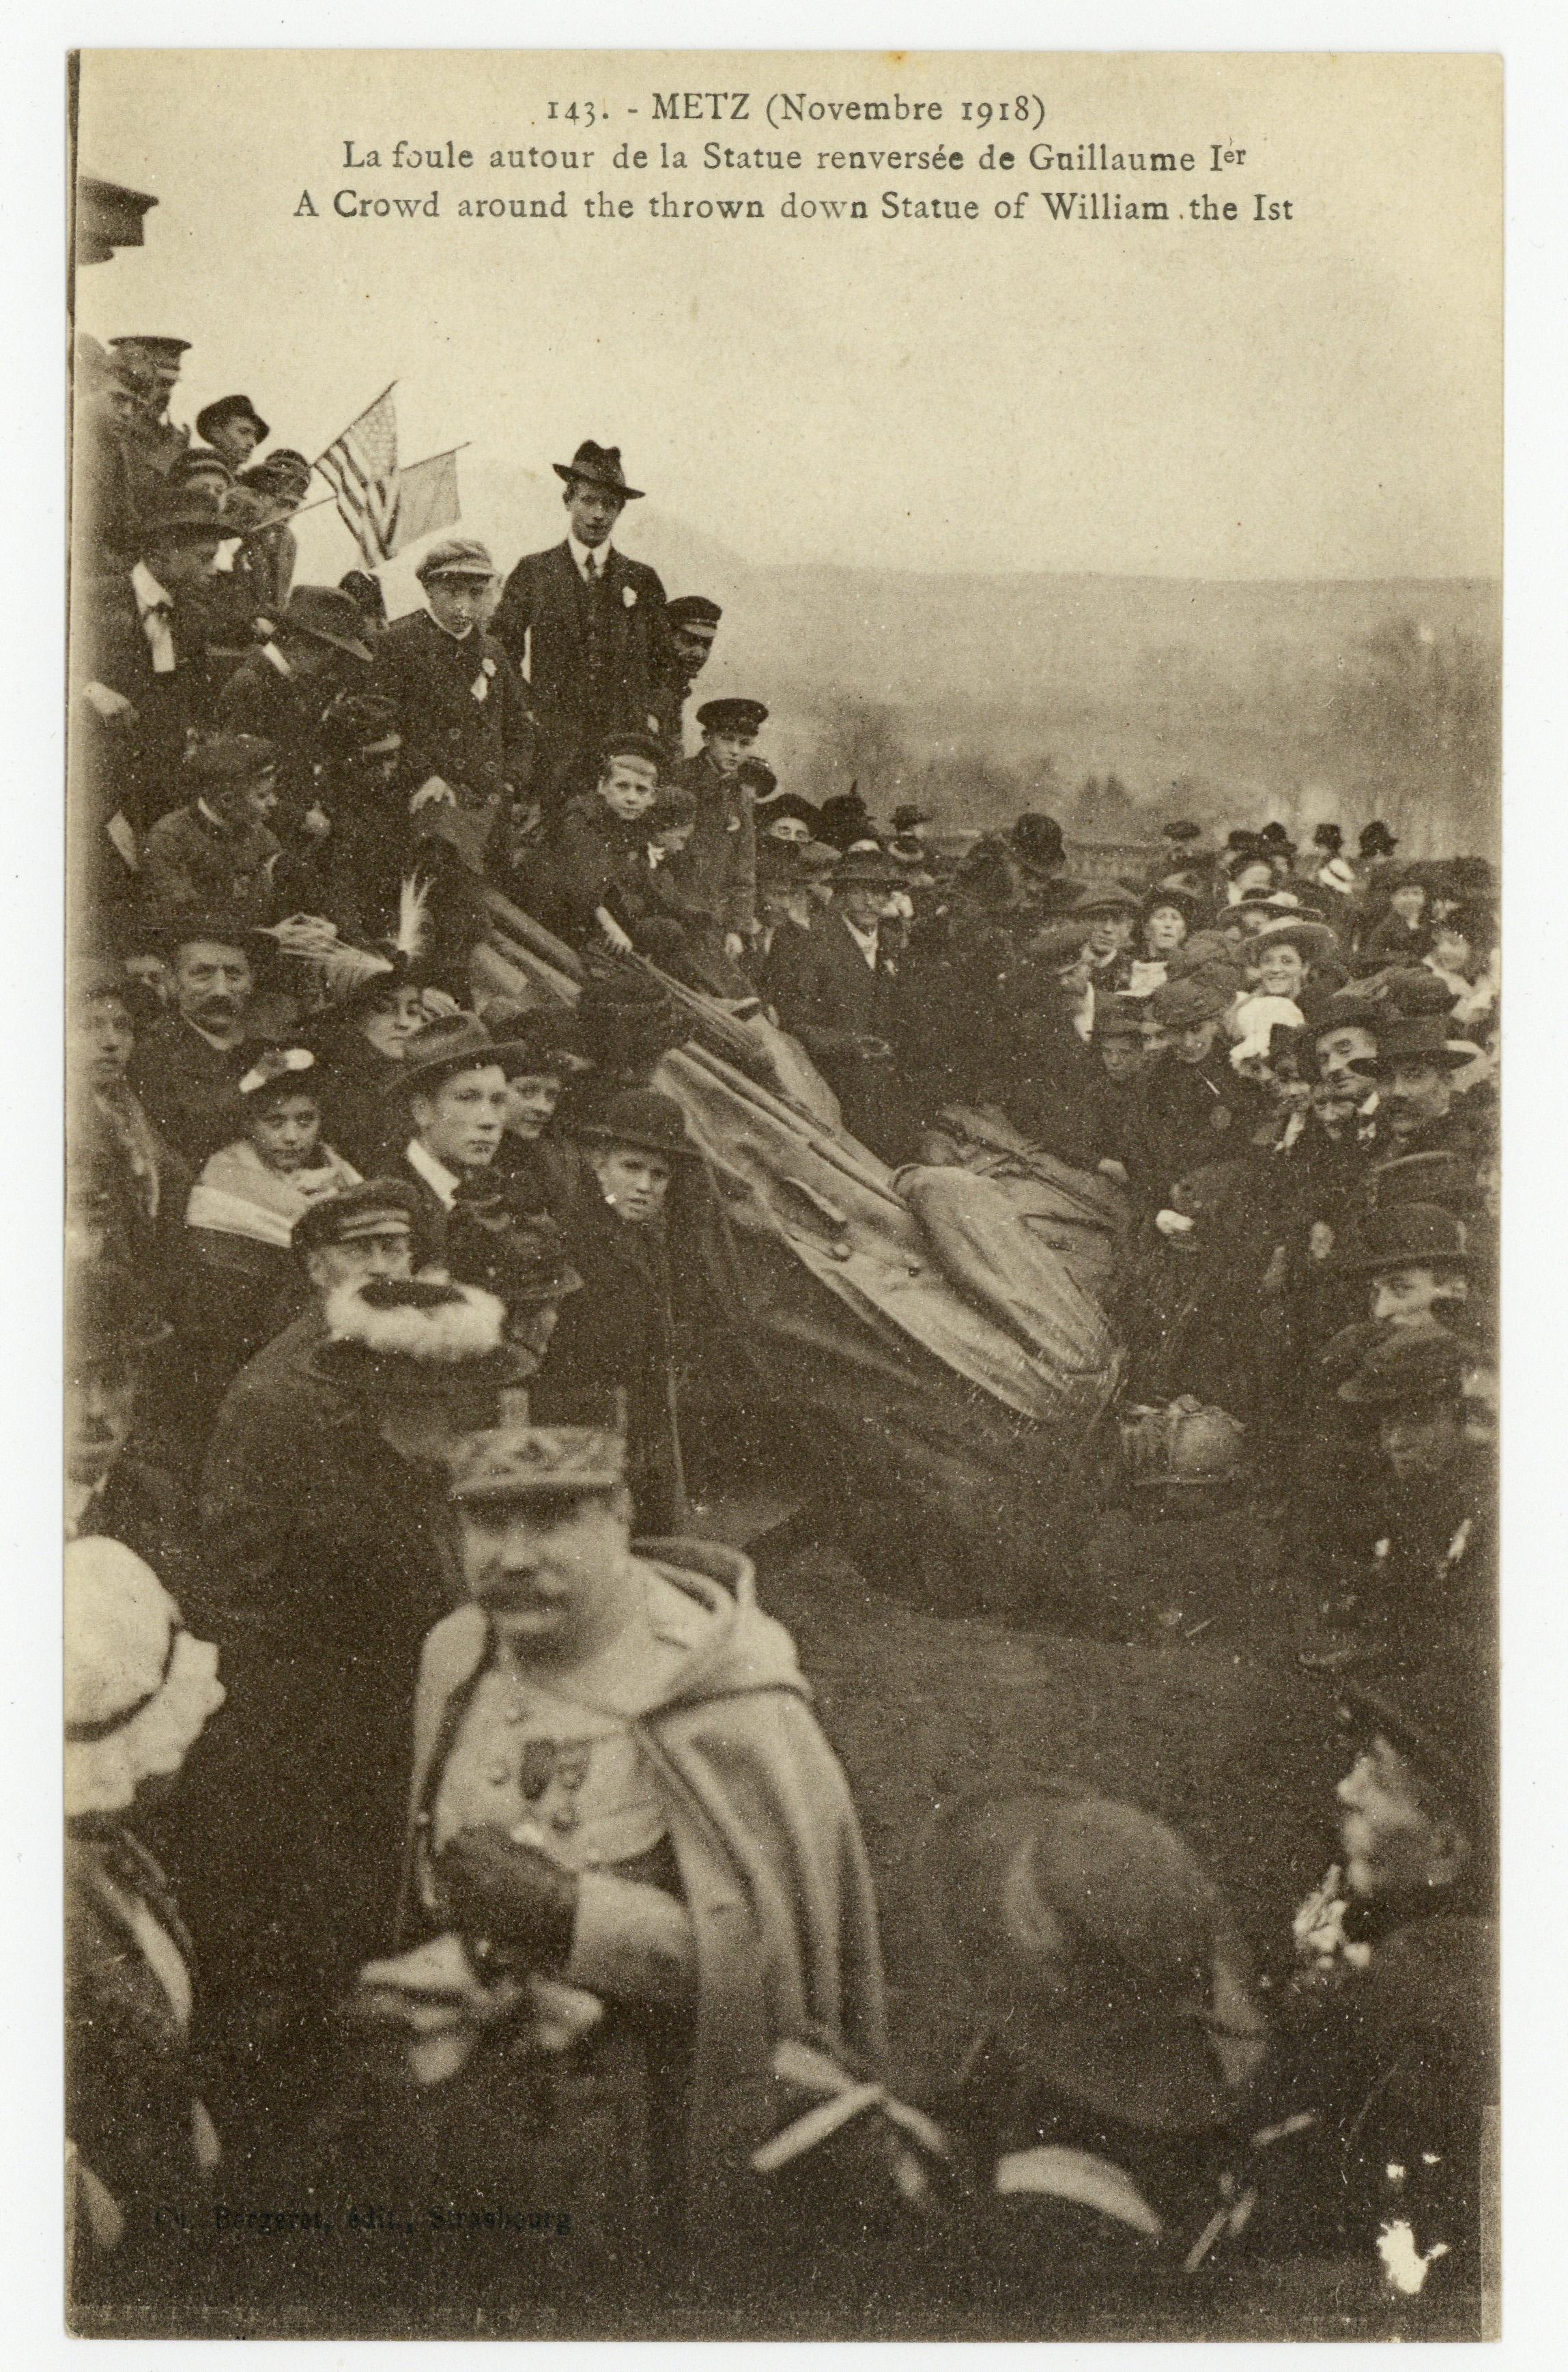 Contenu du Metz (Novembre 1918) : la foule autour de la Statue renversée de Guillaume Ier. A Crown around the thrown down Statue of William the Ist